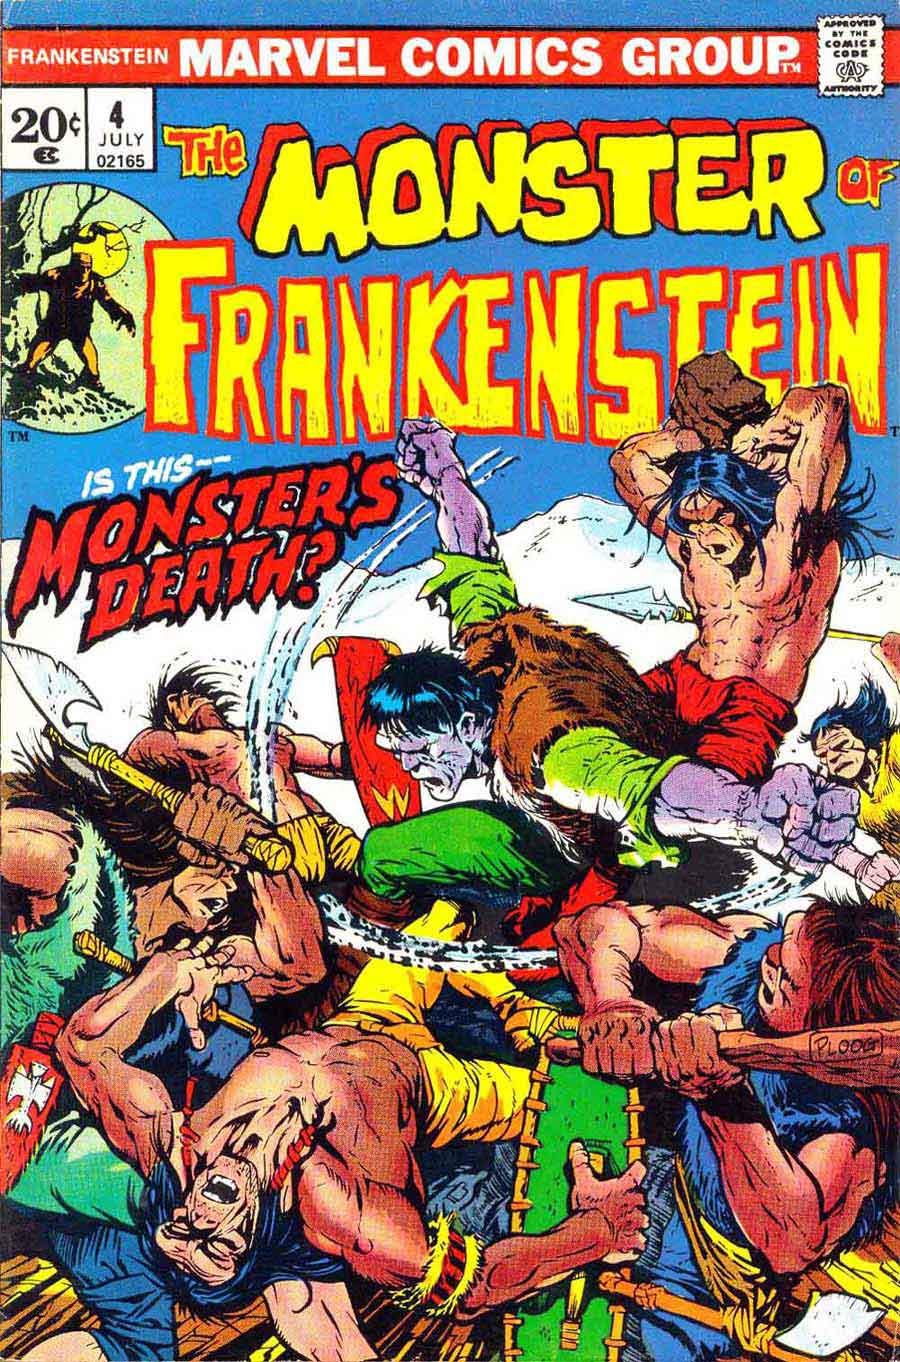 Frankenstein v2 #4 marvel comic book cover art by Mike Ploog